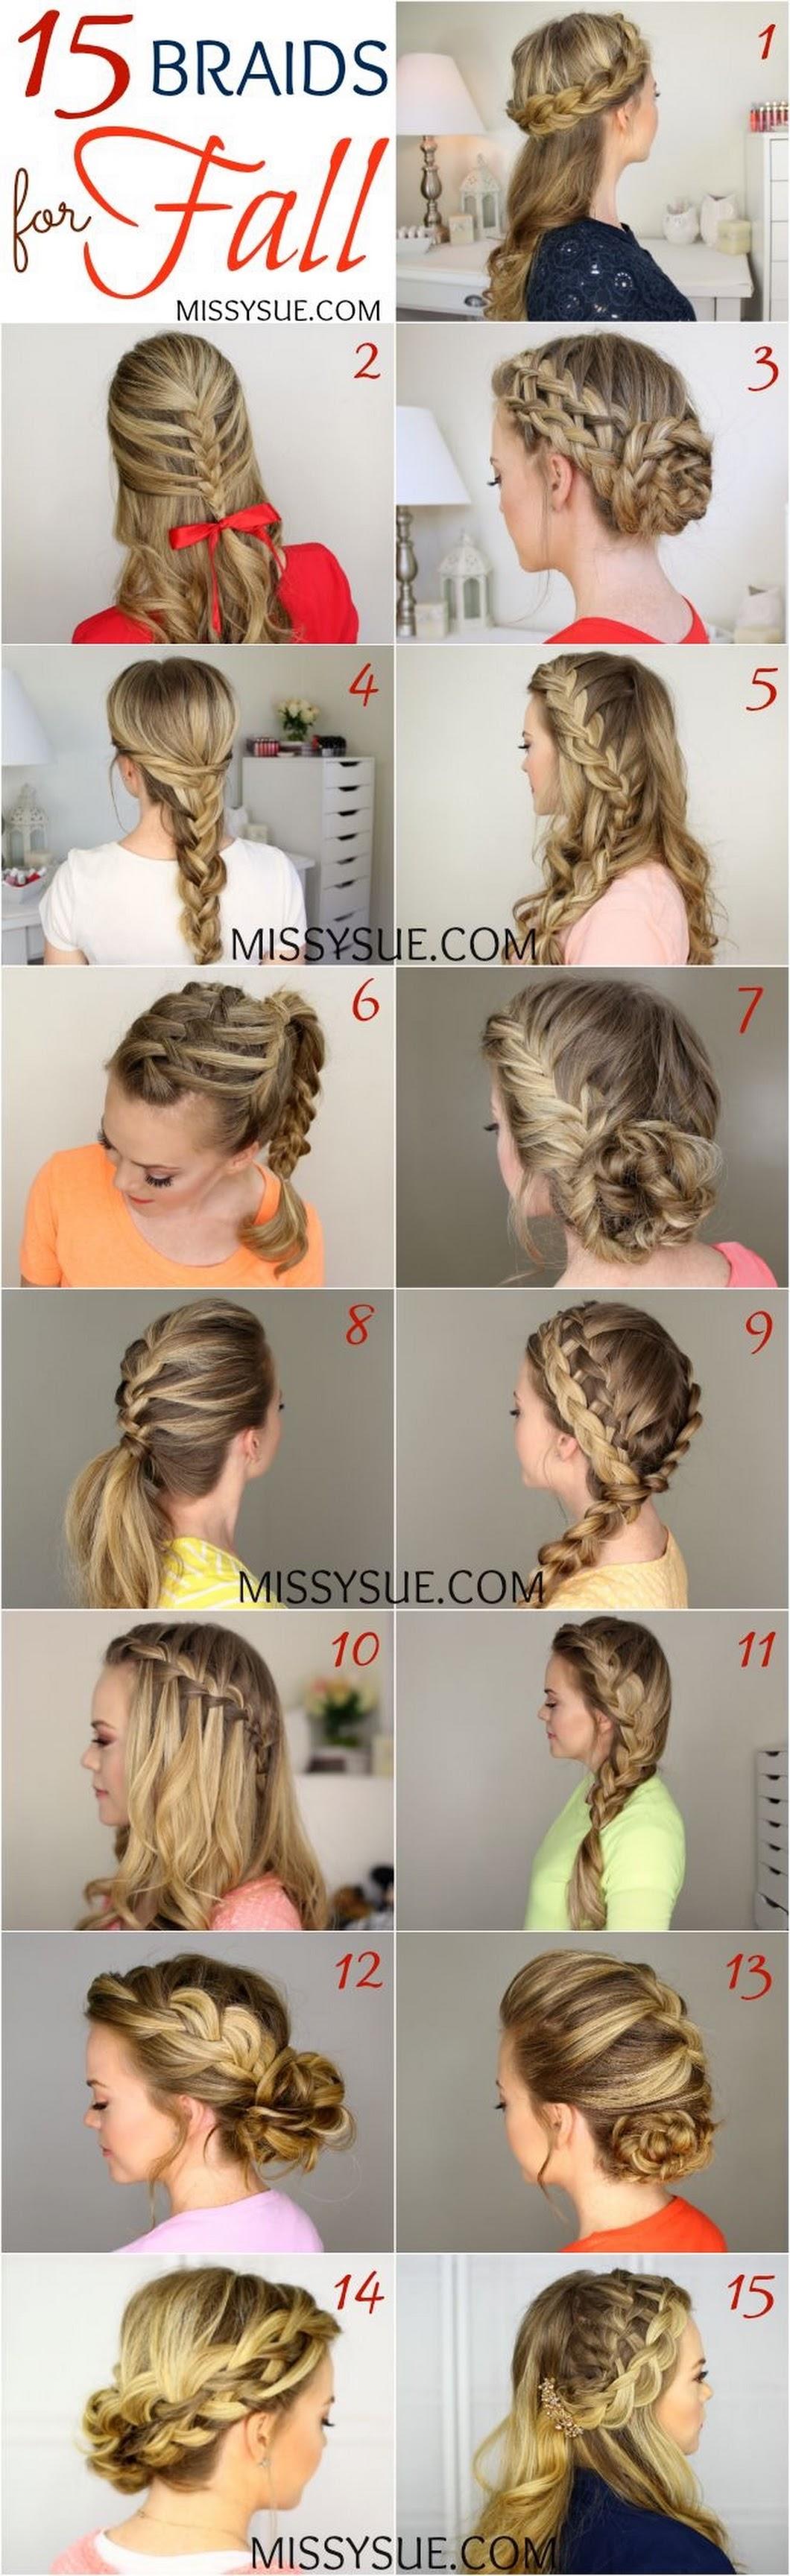 Usmc haircut styles victoria moncada littlevictoria on pinterest